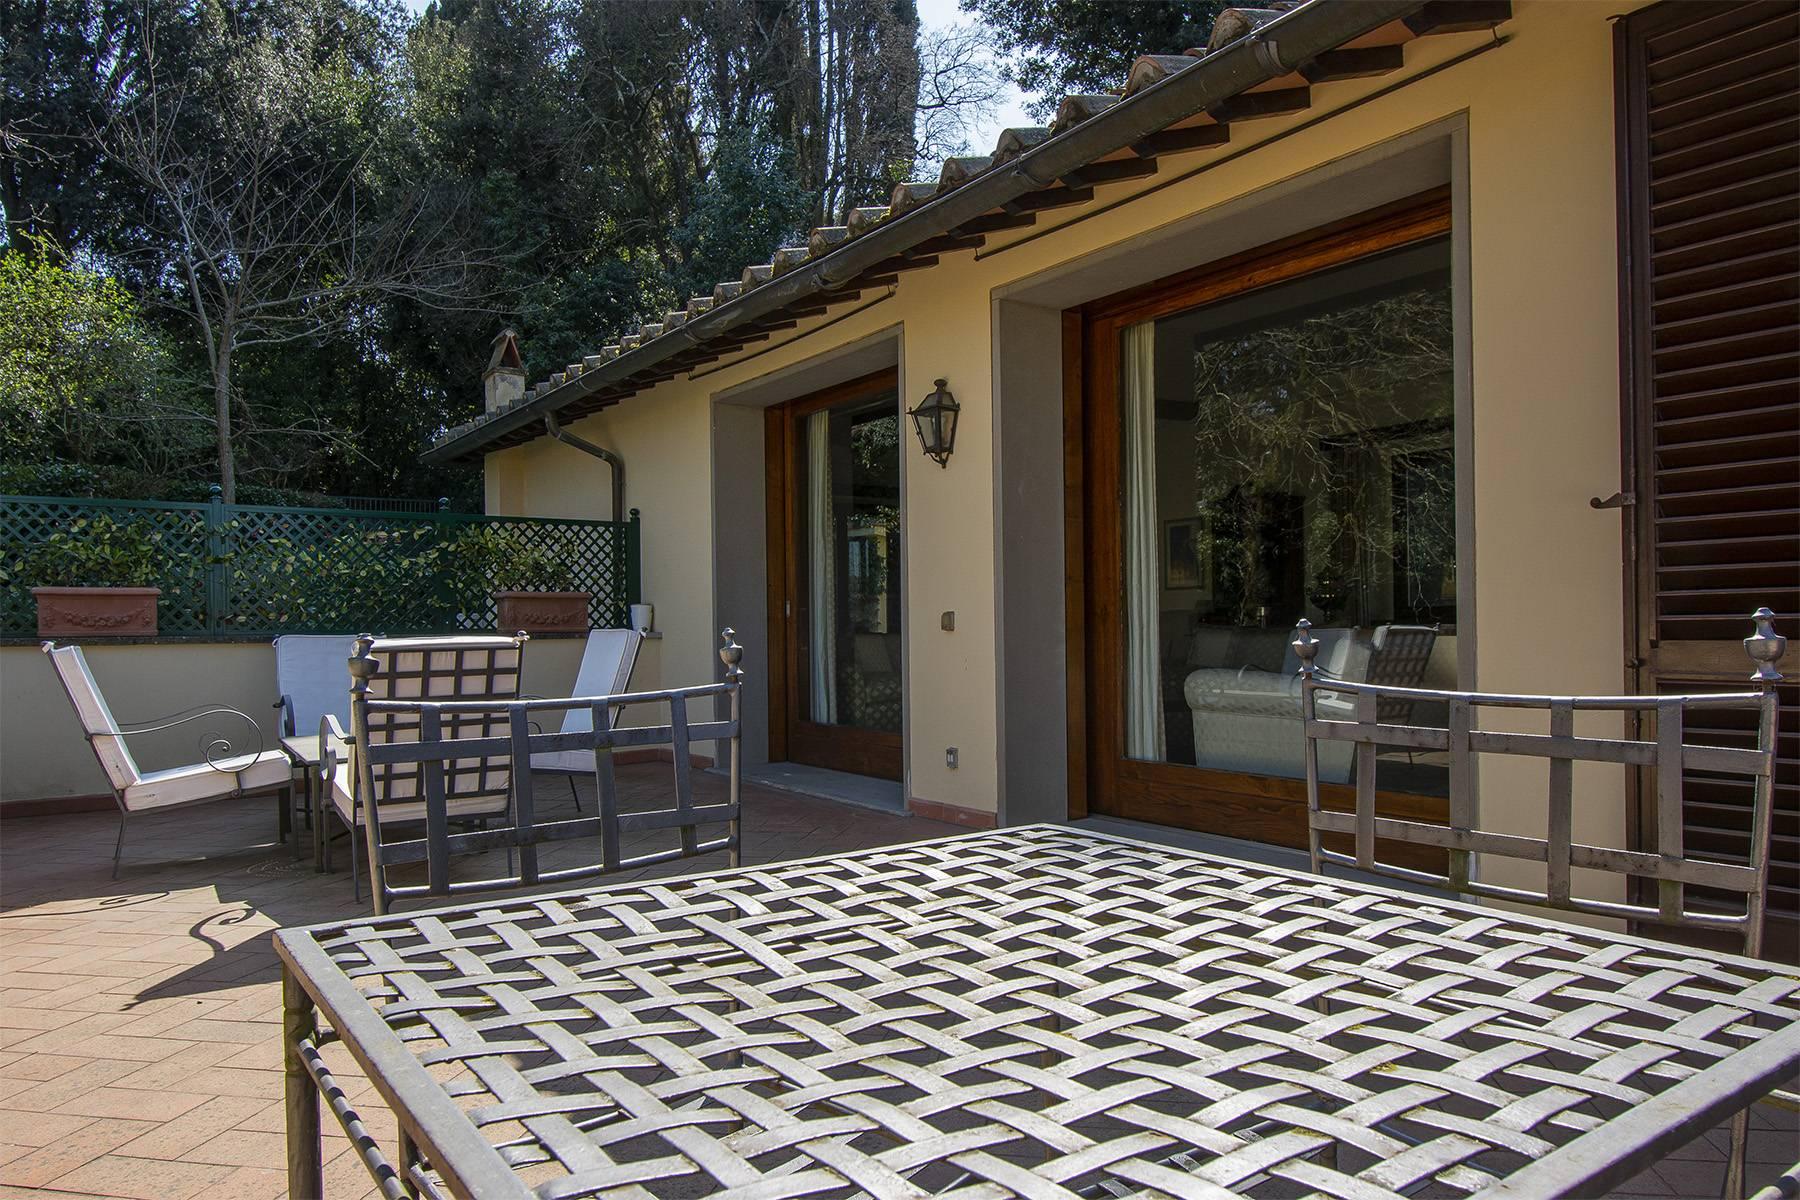 Appartamento in Vendita a Firenze: 5 locali, 182 mq - Foto 2